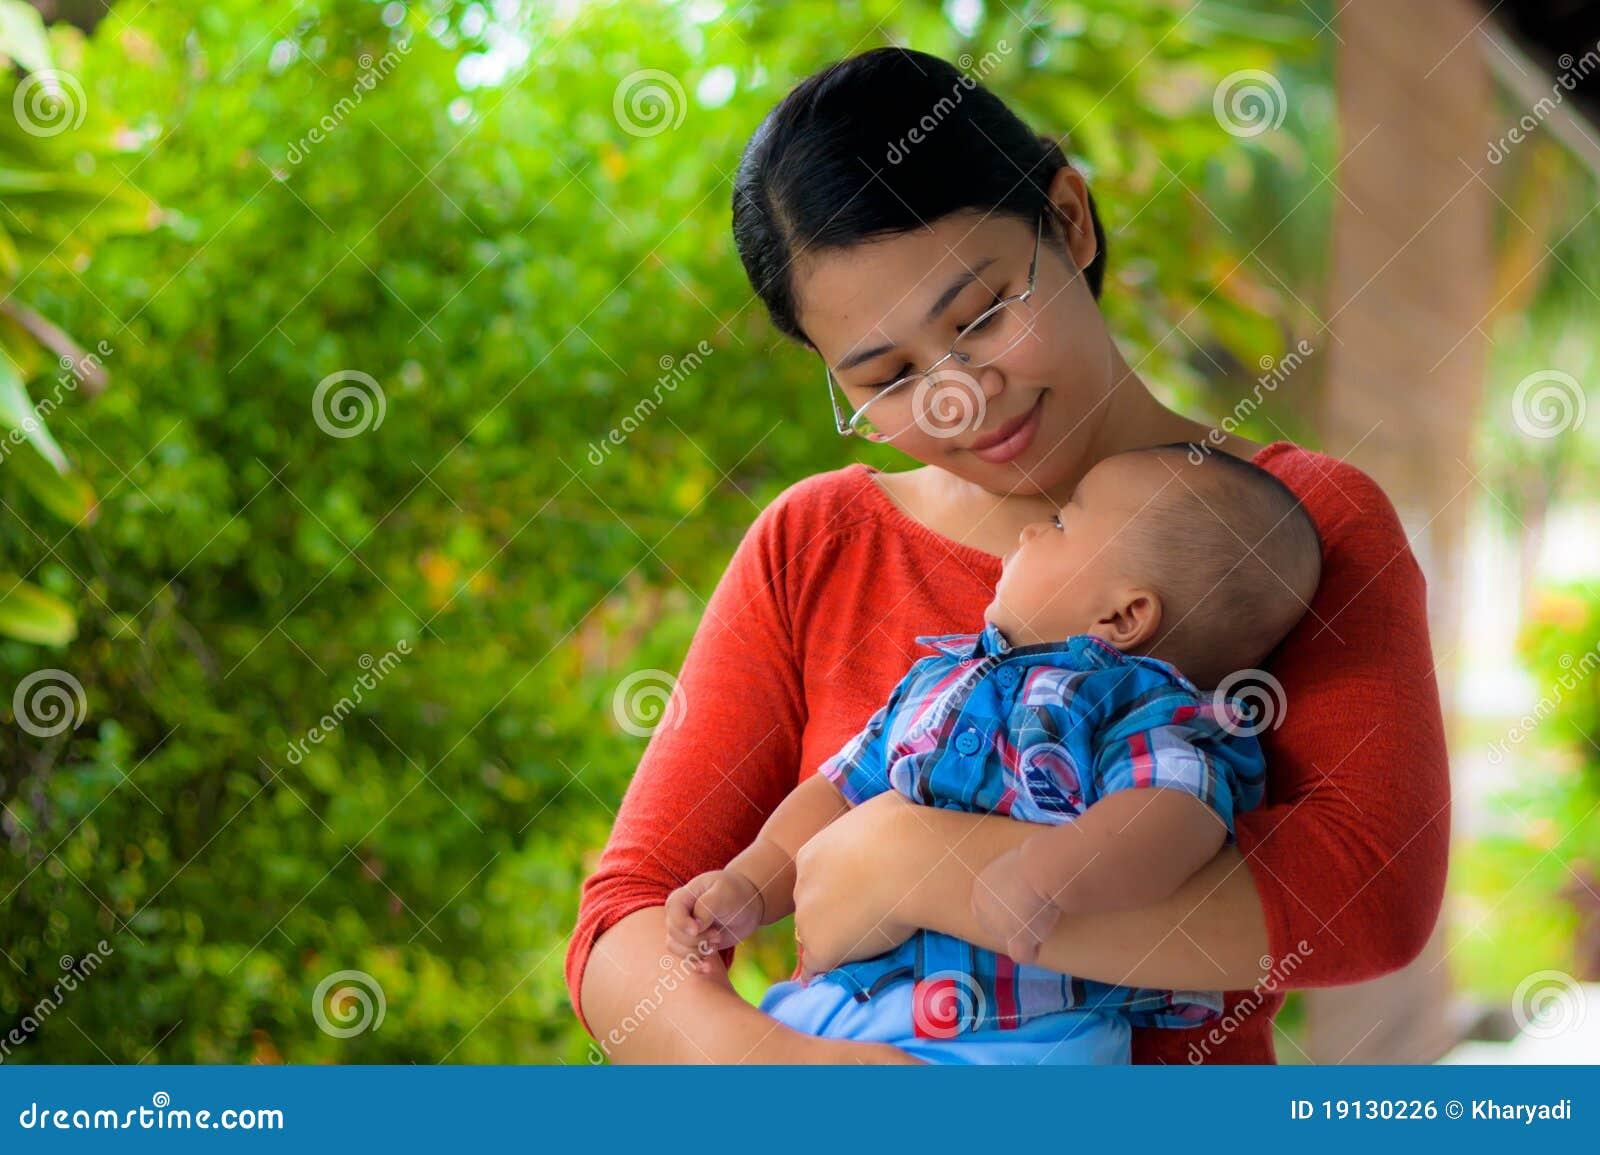 Una explotación agrícola de la madre su bebé con amor.